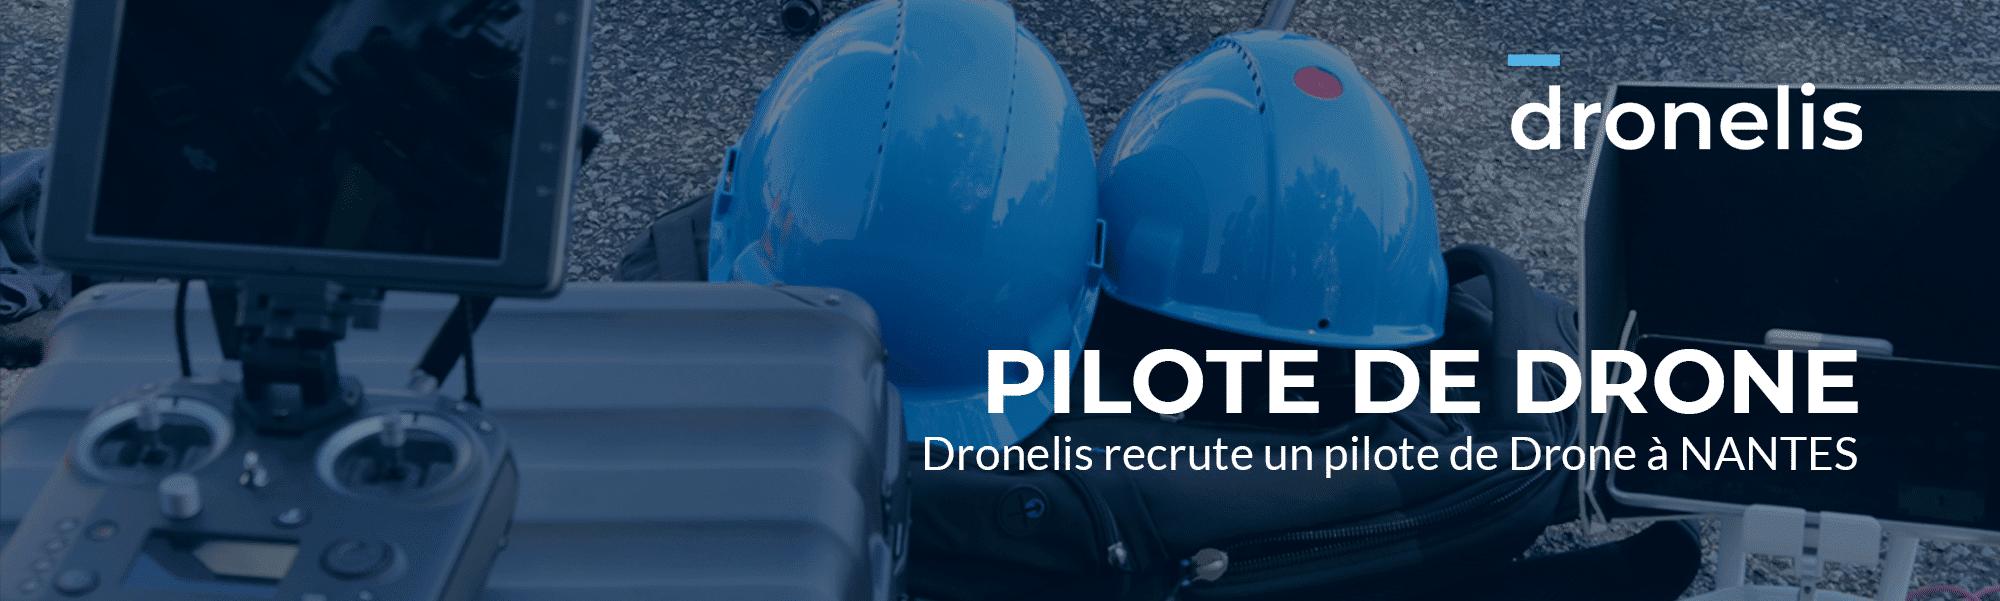 Dronelis recrute un pilote de Drone basé à Nantes